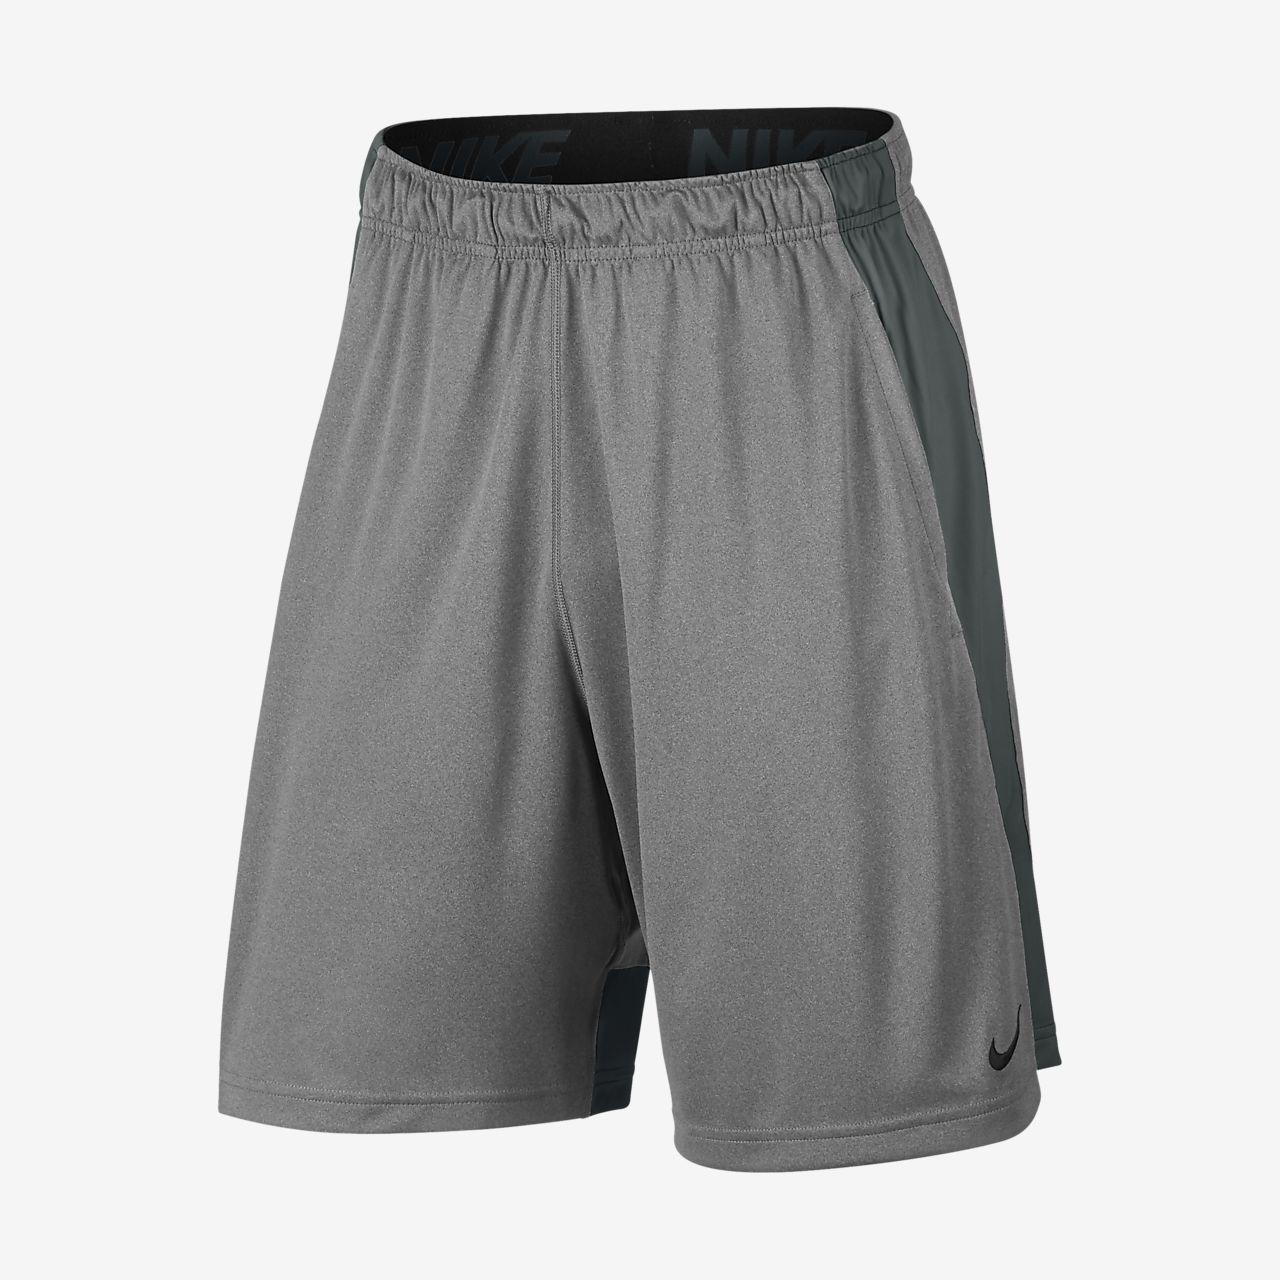 กางเกงเทรนนิ่งขาสั้น 9 นิ้วผู้ชาย Nike Dry